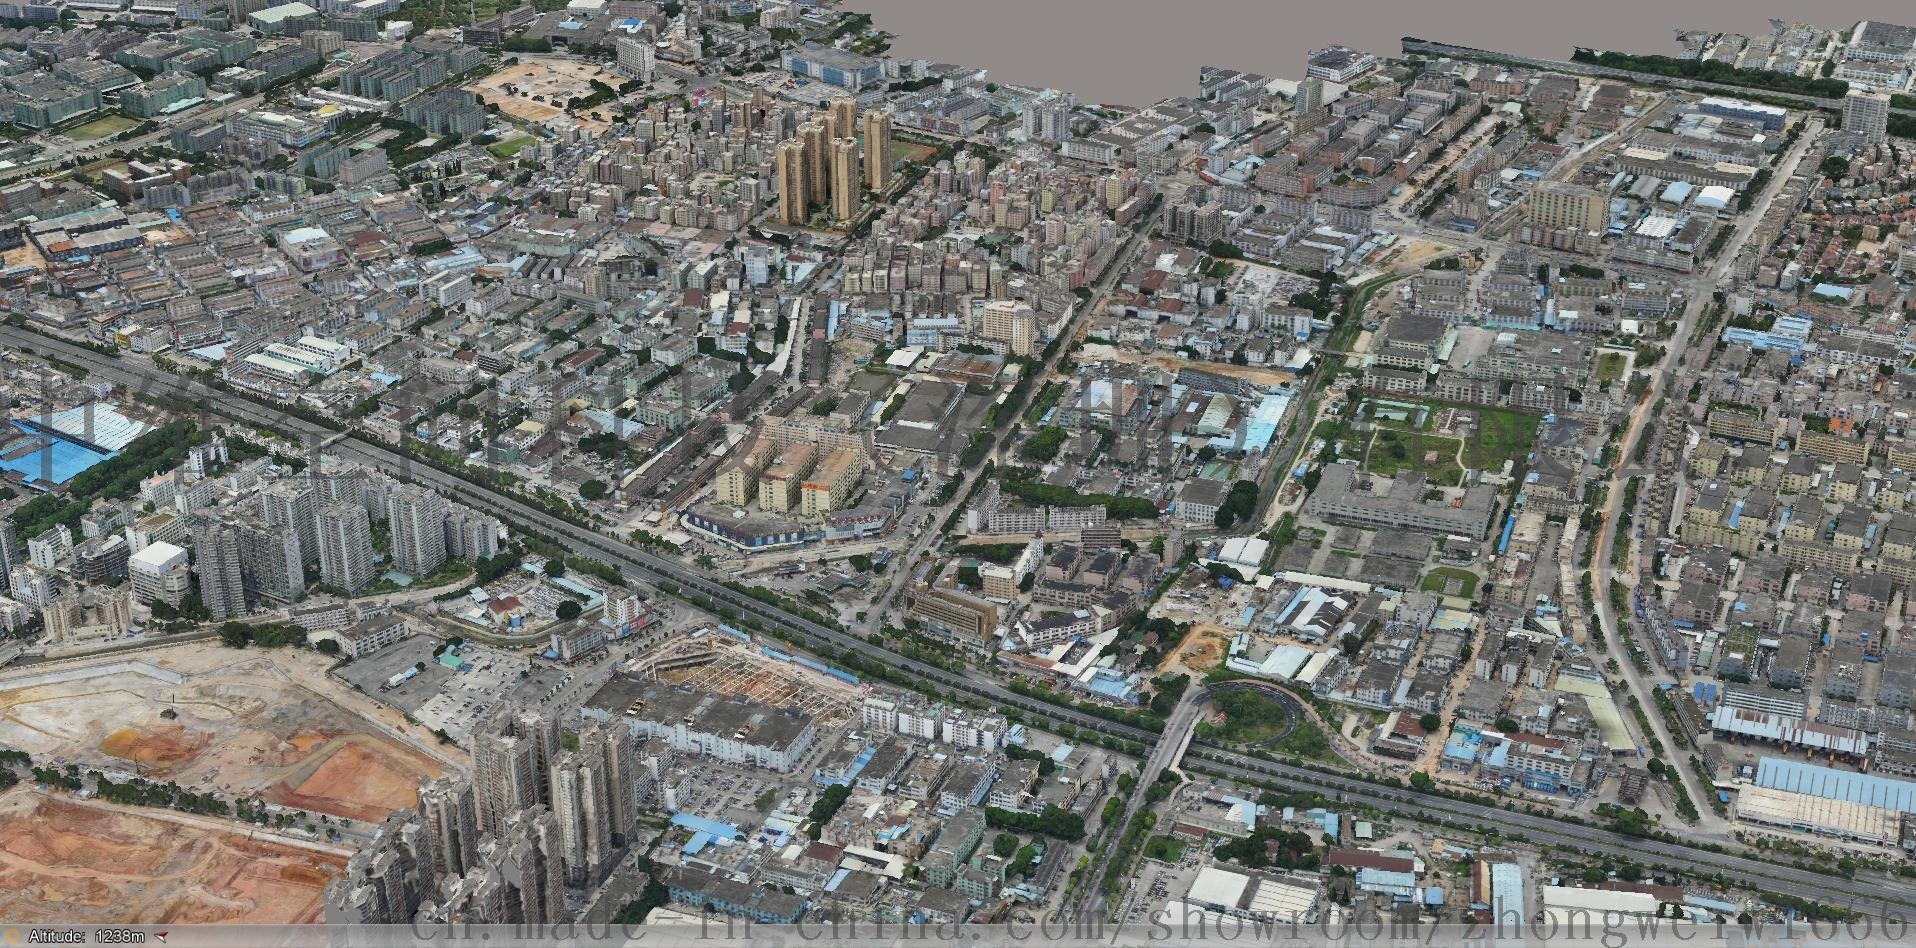 深圳市三维地图_深圳三维地图实景地图_卫星地图_微信公众号文章